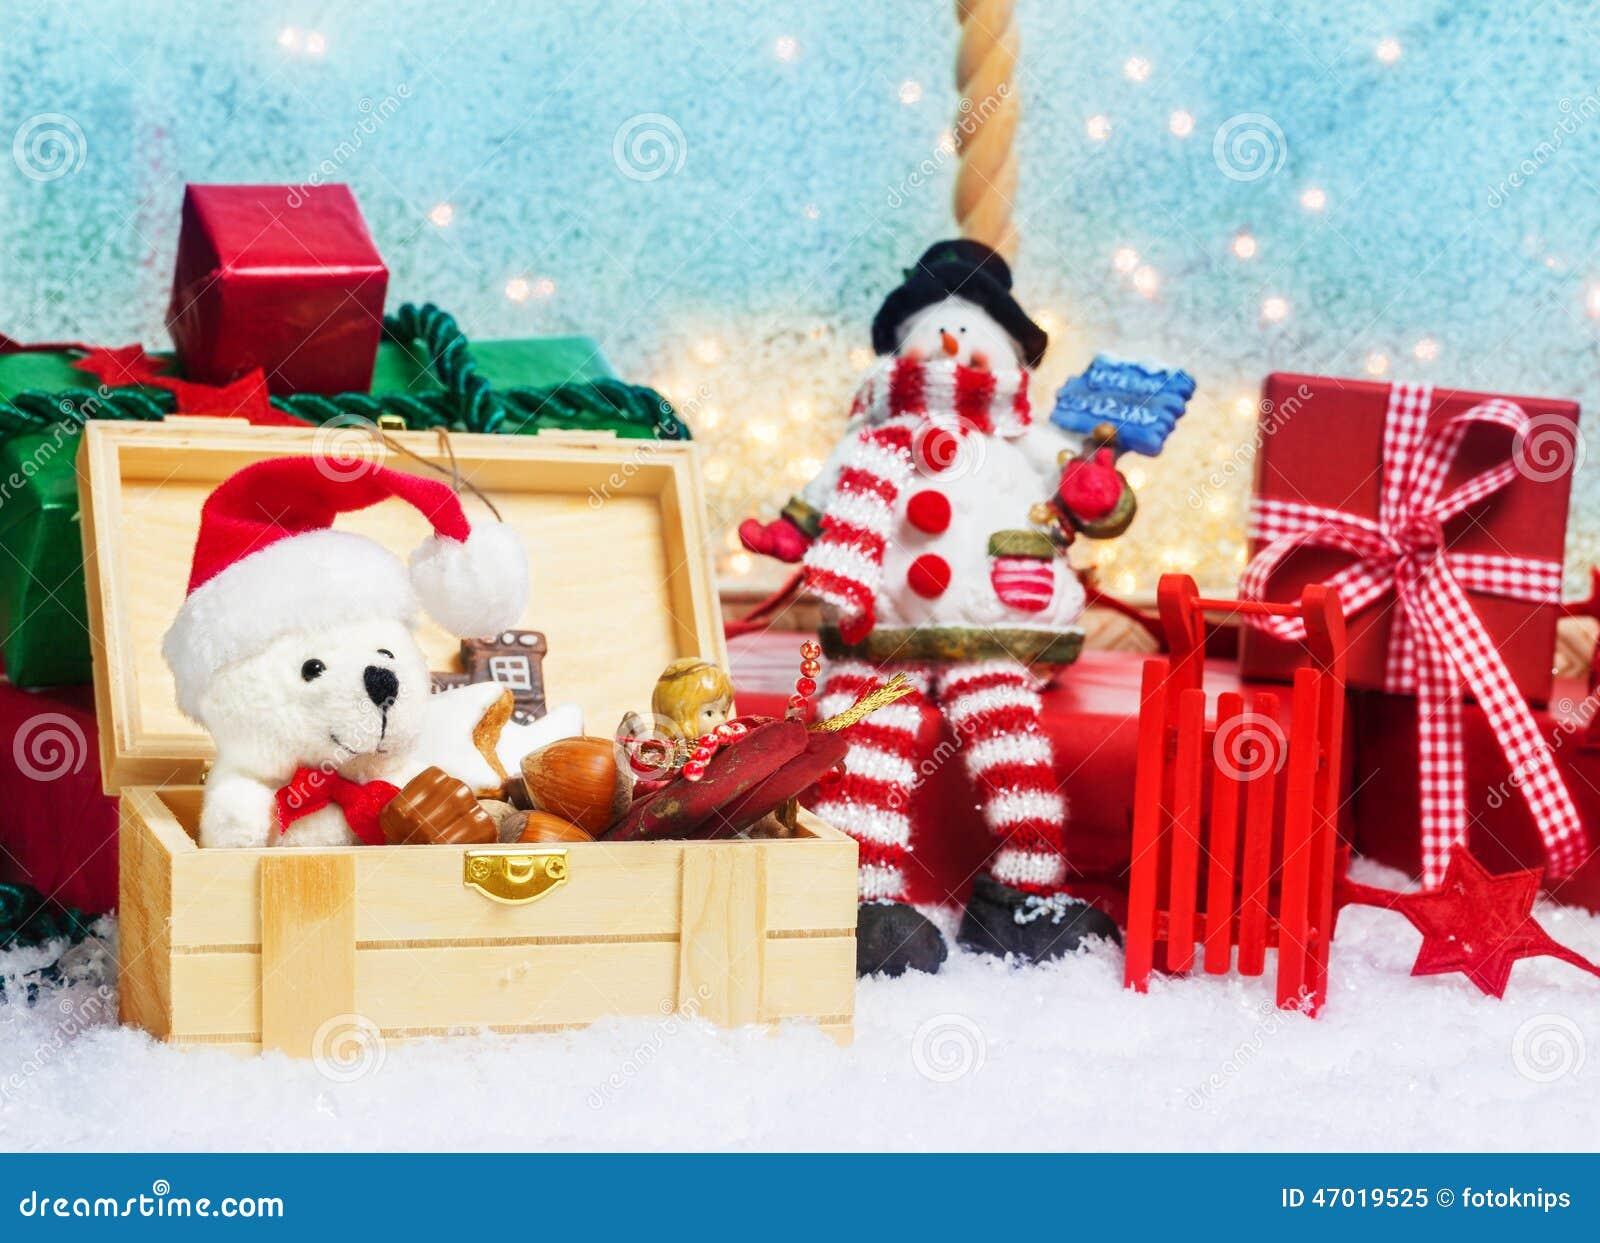 Boîte De Cadeau Le Jour De Noël Clip Art: Boîte De Cadeaux, Surprise Pour Noël Photo Stock